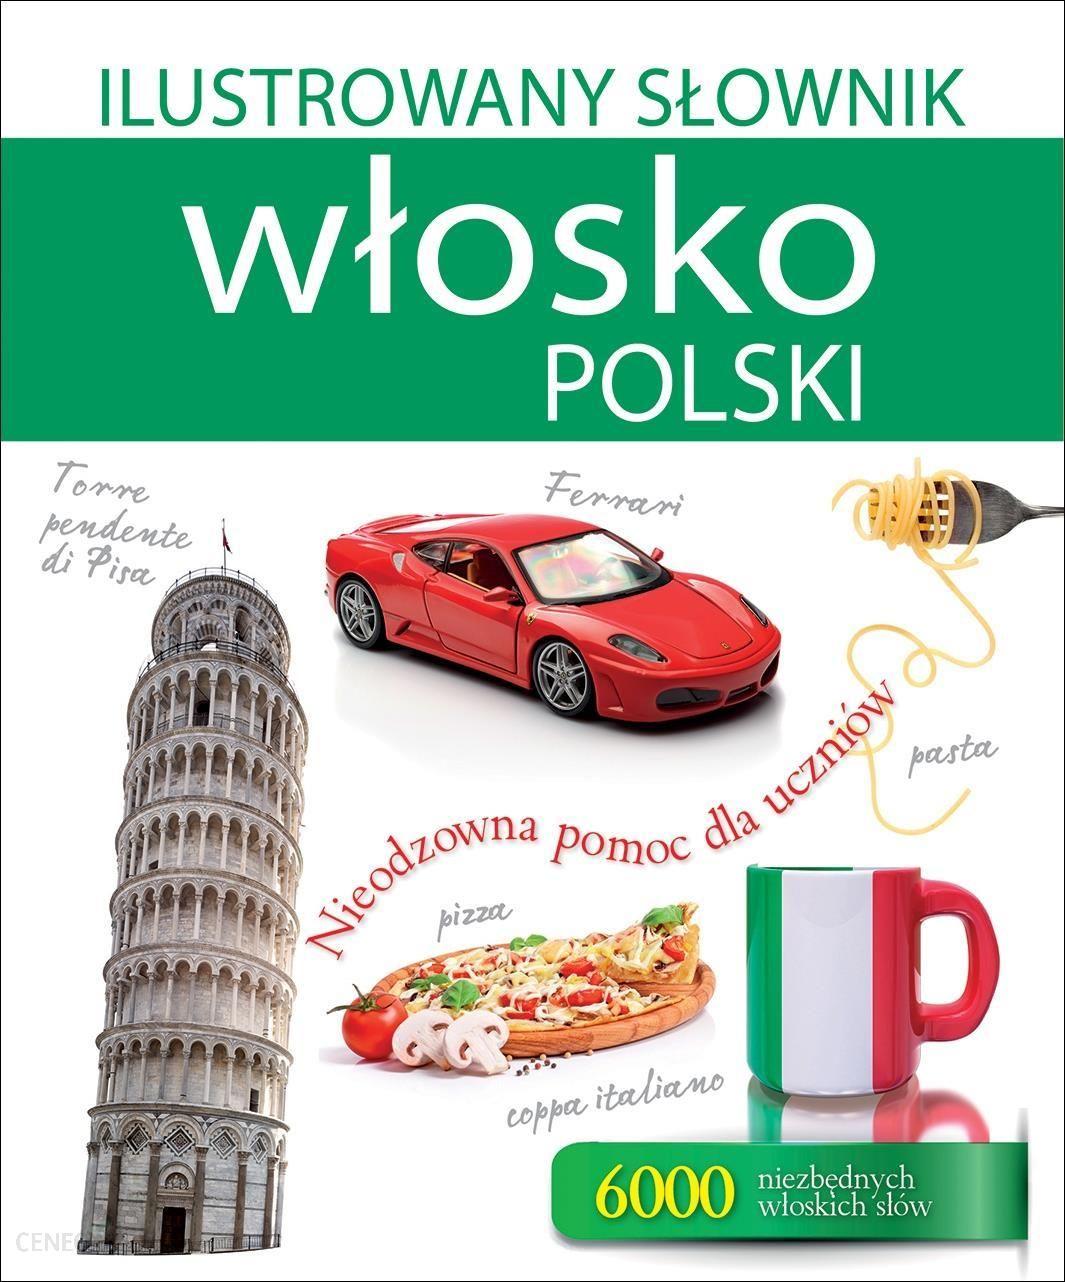 Nauka włoskiego Ilustrowany słownik włosko-polski - zdjęcie 1